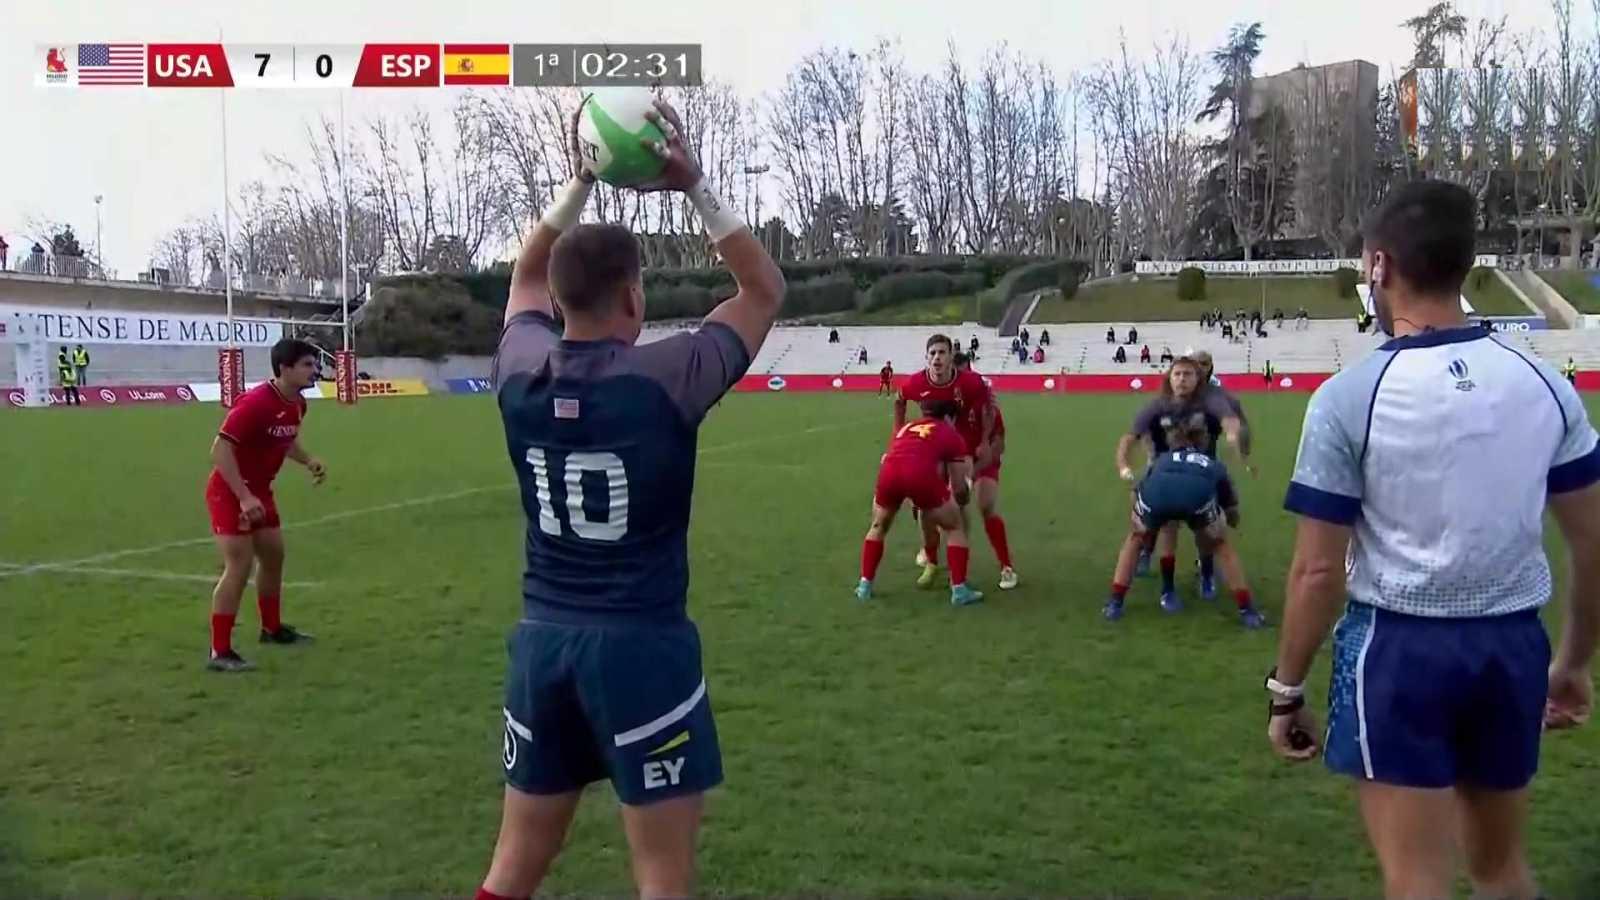 Rugby - Torneo internacional Sevens (masculino): 3º y 4º puesto - ver ahora